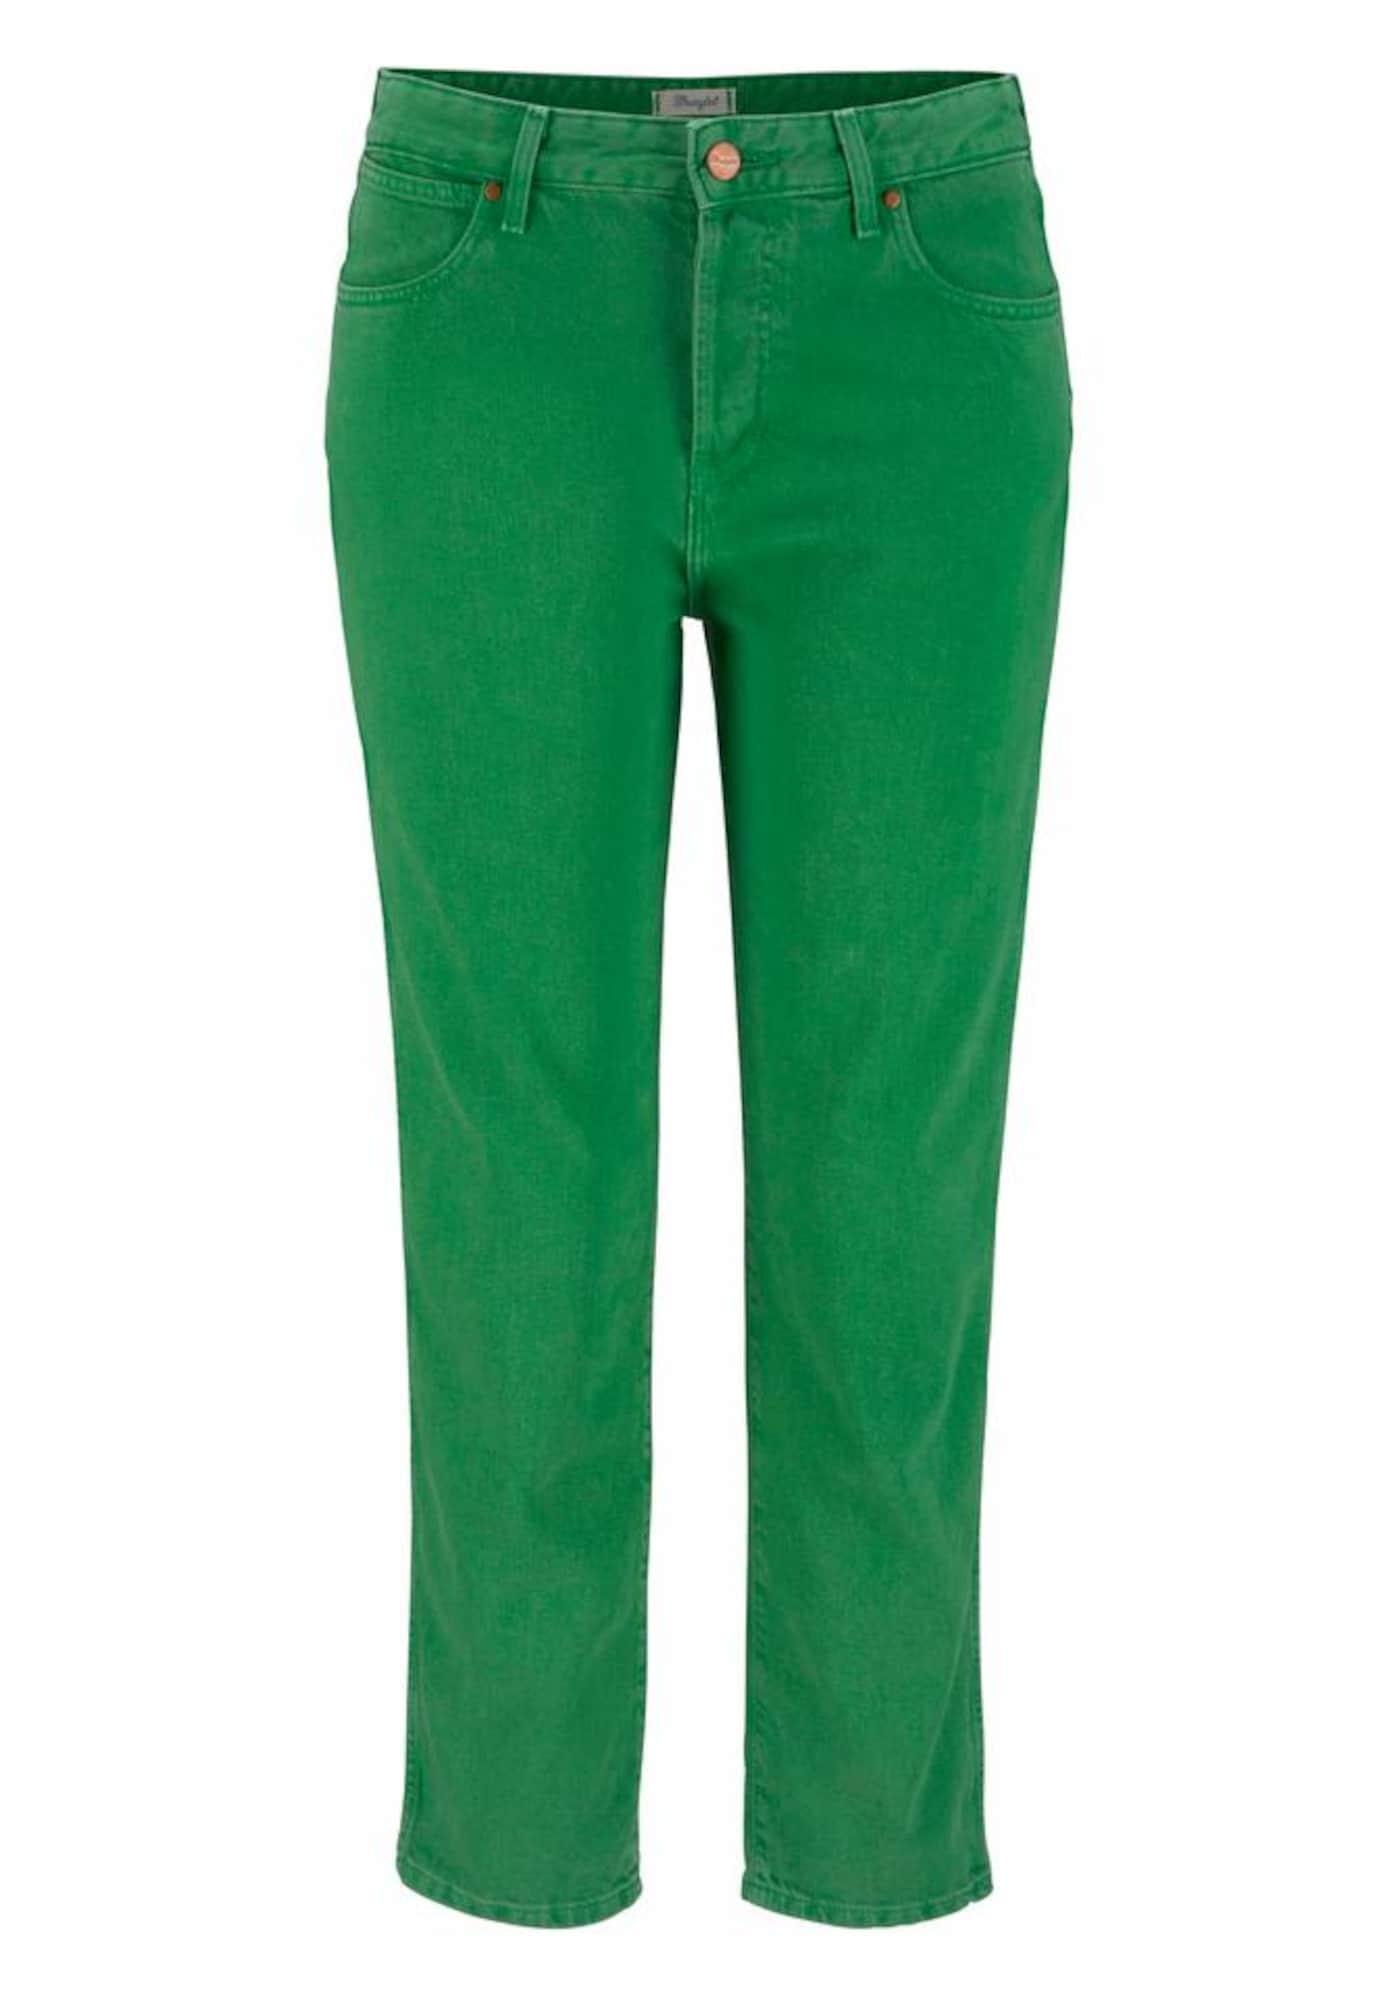 WRANGLER Dames Jeans groen